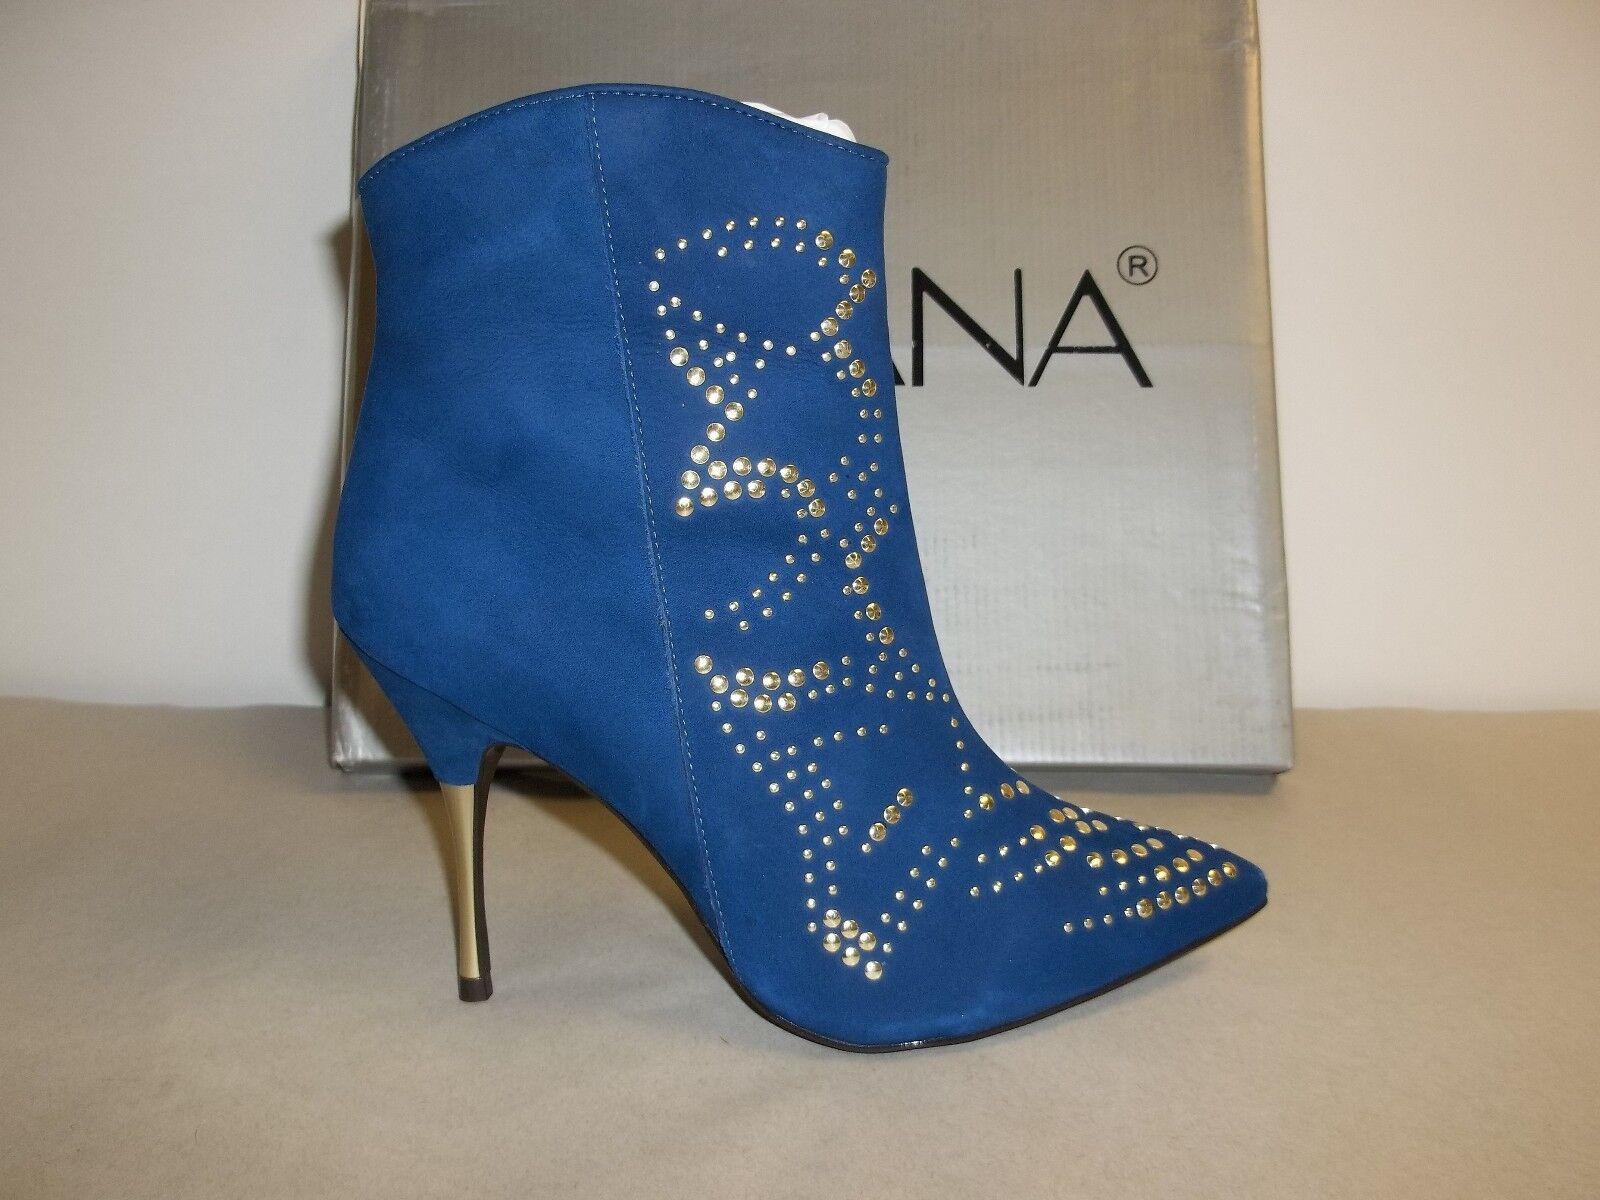 Amiana tamaño 7 M 12-102004-430 Azul Cuero Tacones botas al Tobillo Zapatos para mujer Nuevo